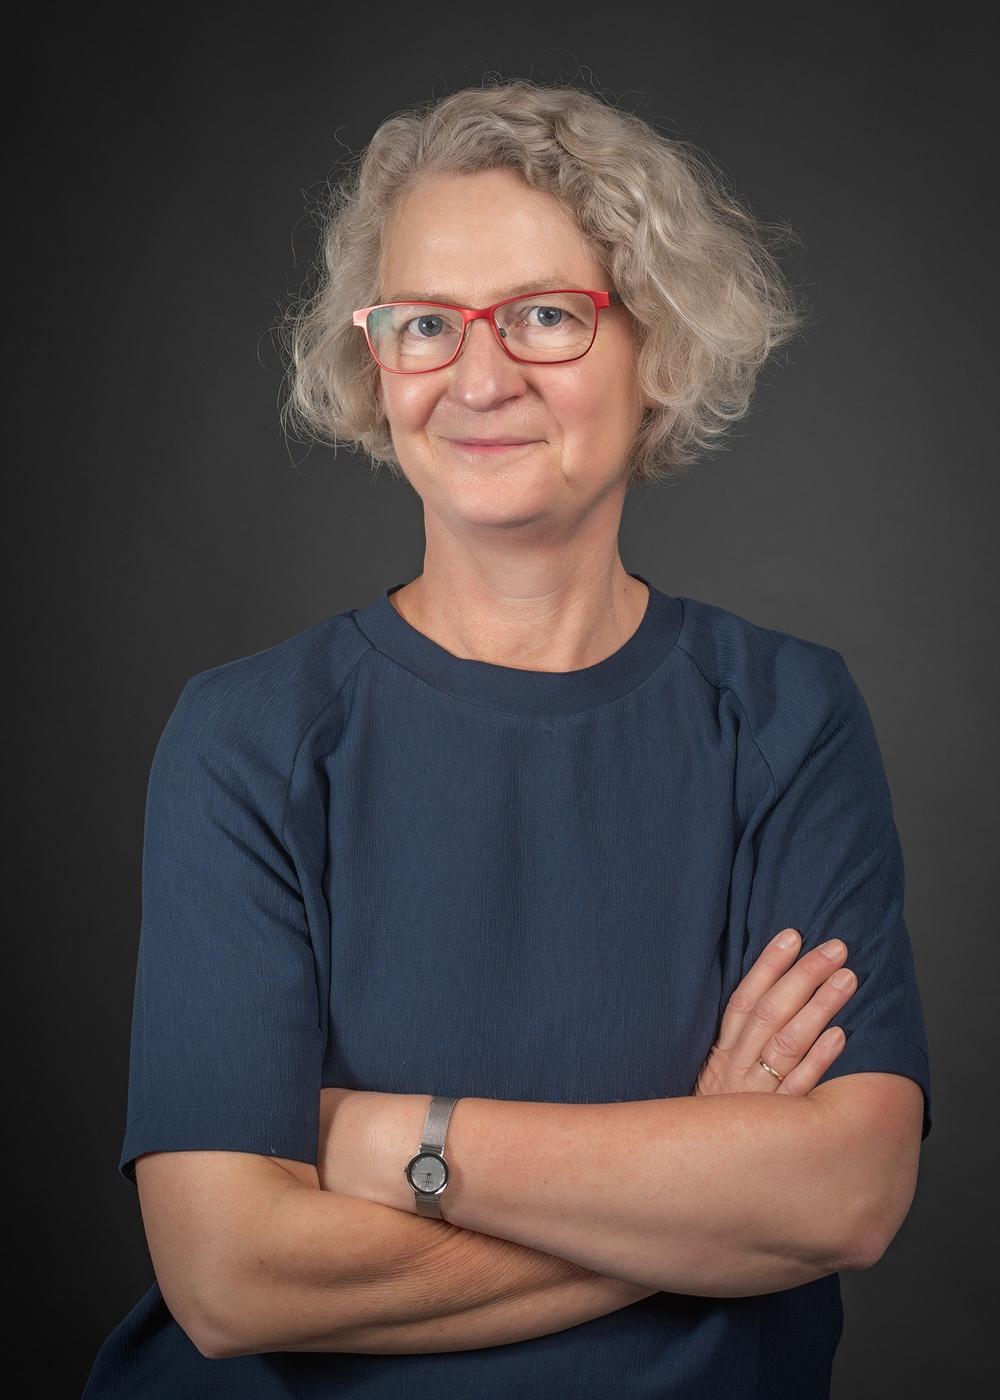 Lillemor Torstensson, kommunikatör, verksamhetsansvarig, Sbi. Foto Robert Björk